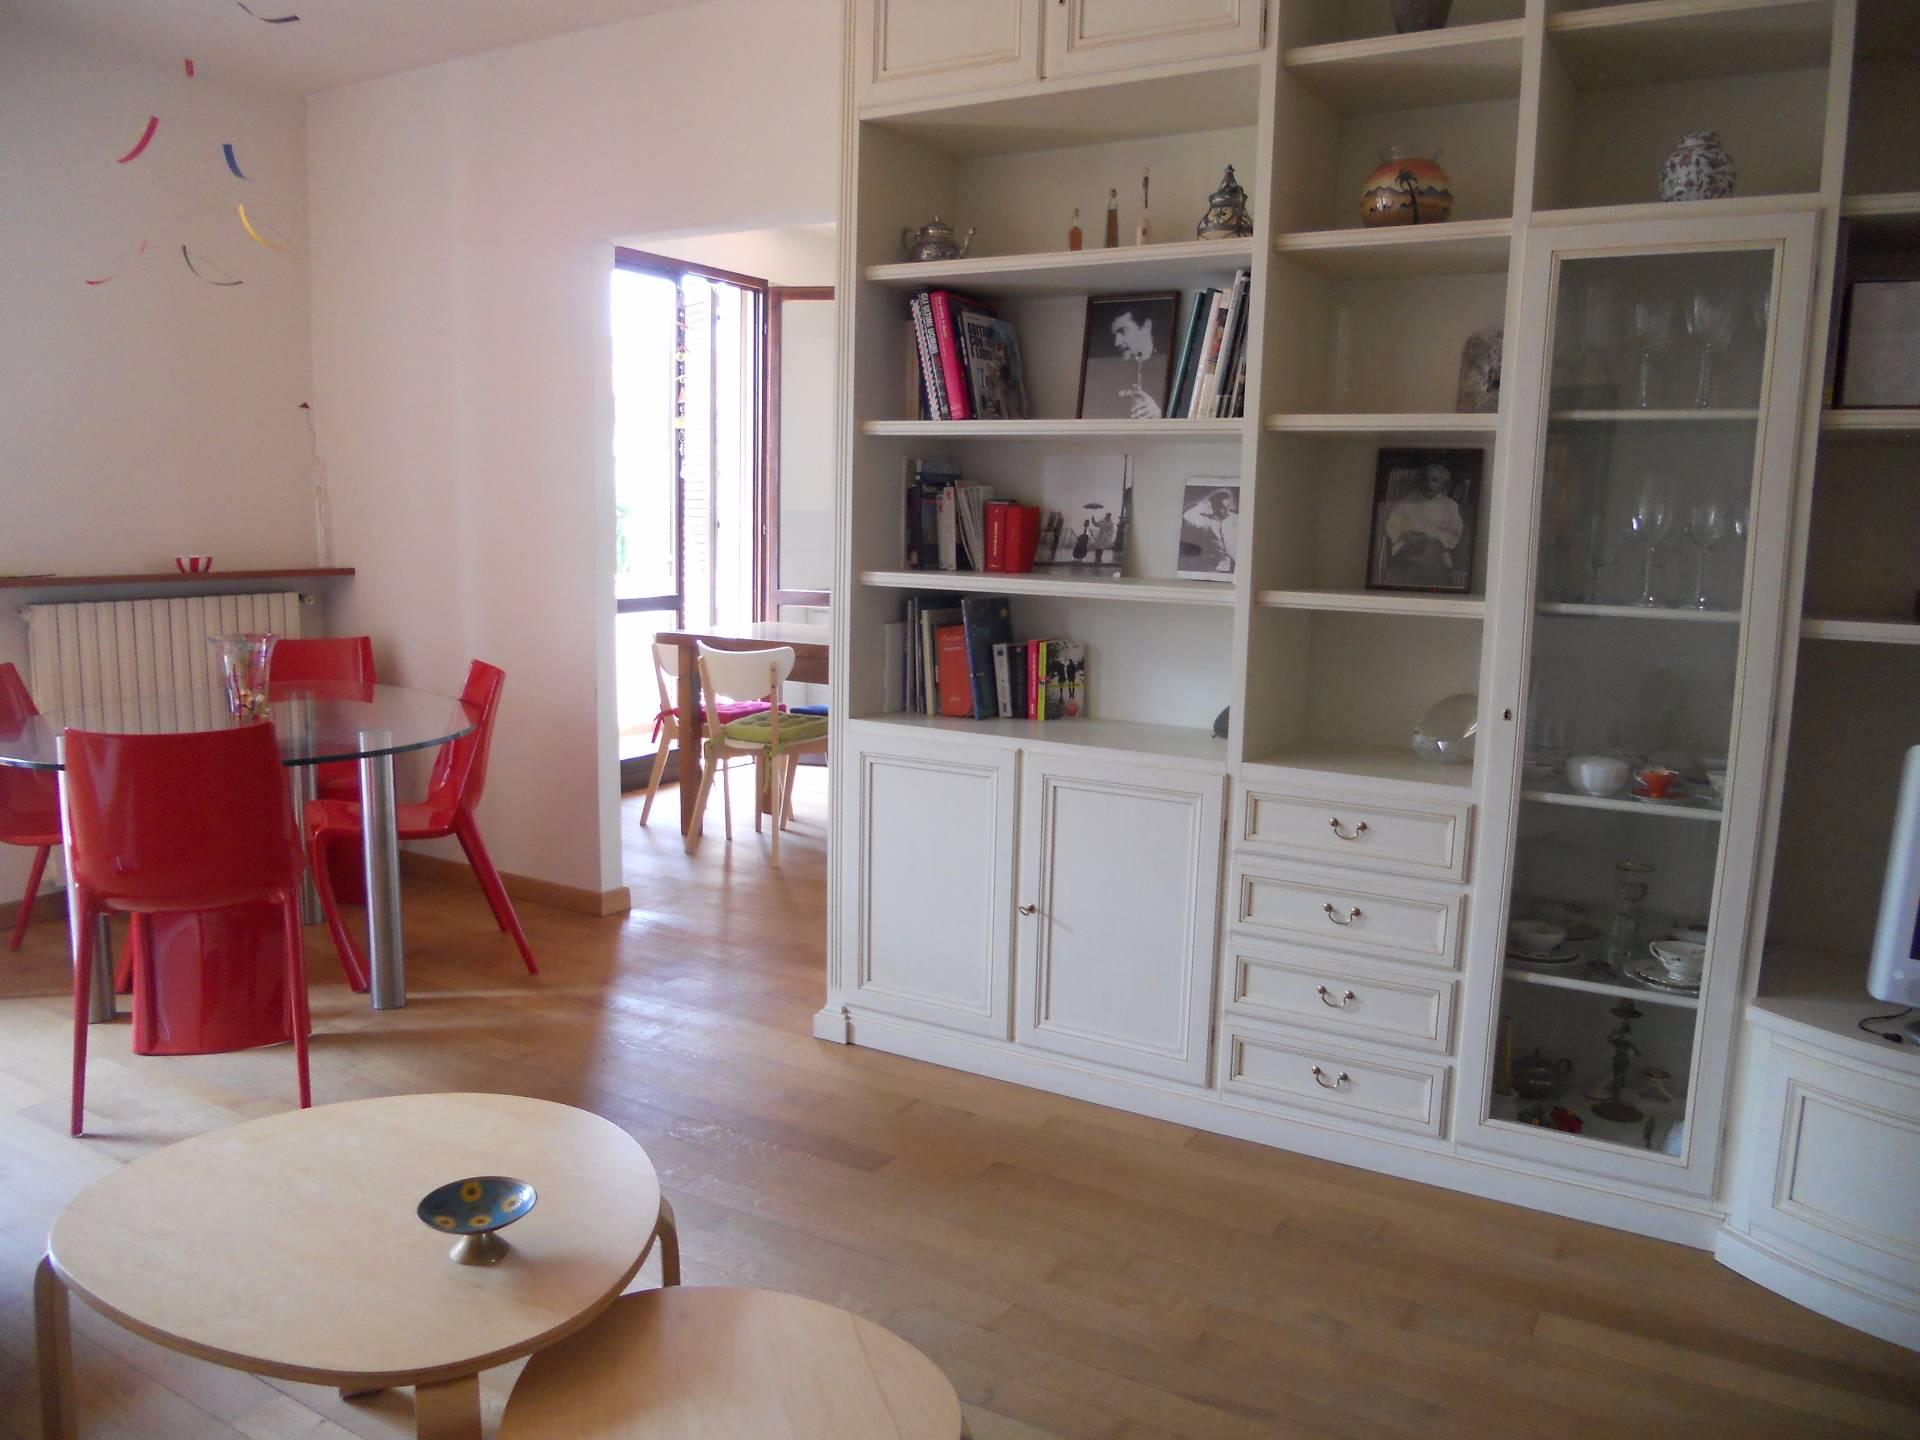 Appartamento in affitto a Bientina, 5 locali, zona Località: Centro, prezzo € 750 | CambioCasa.it